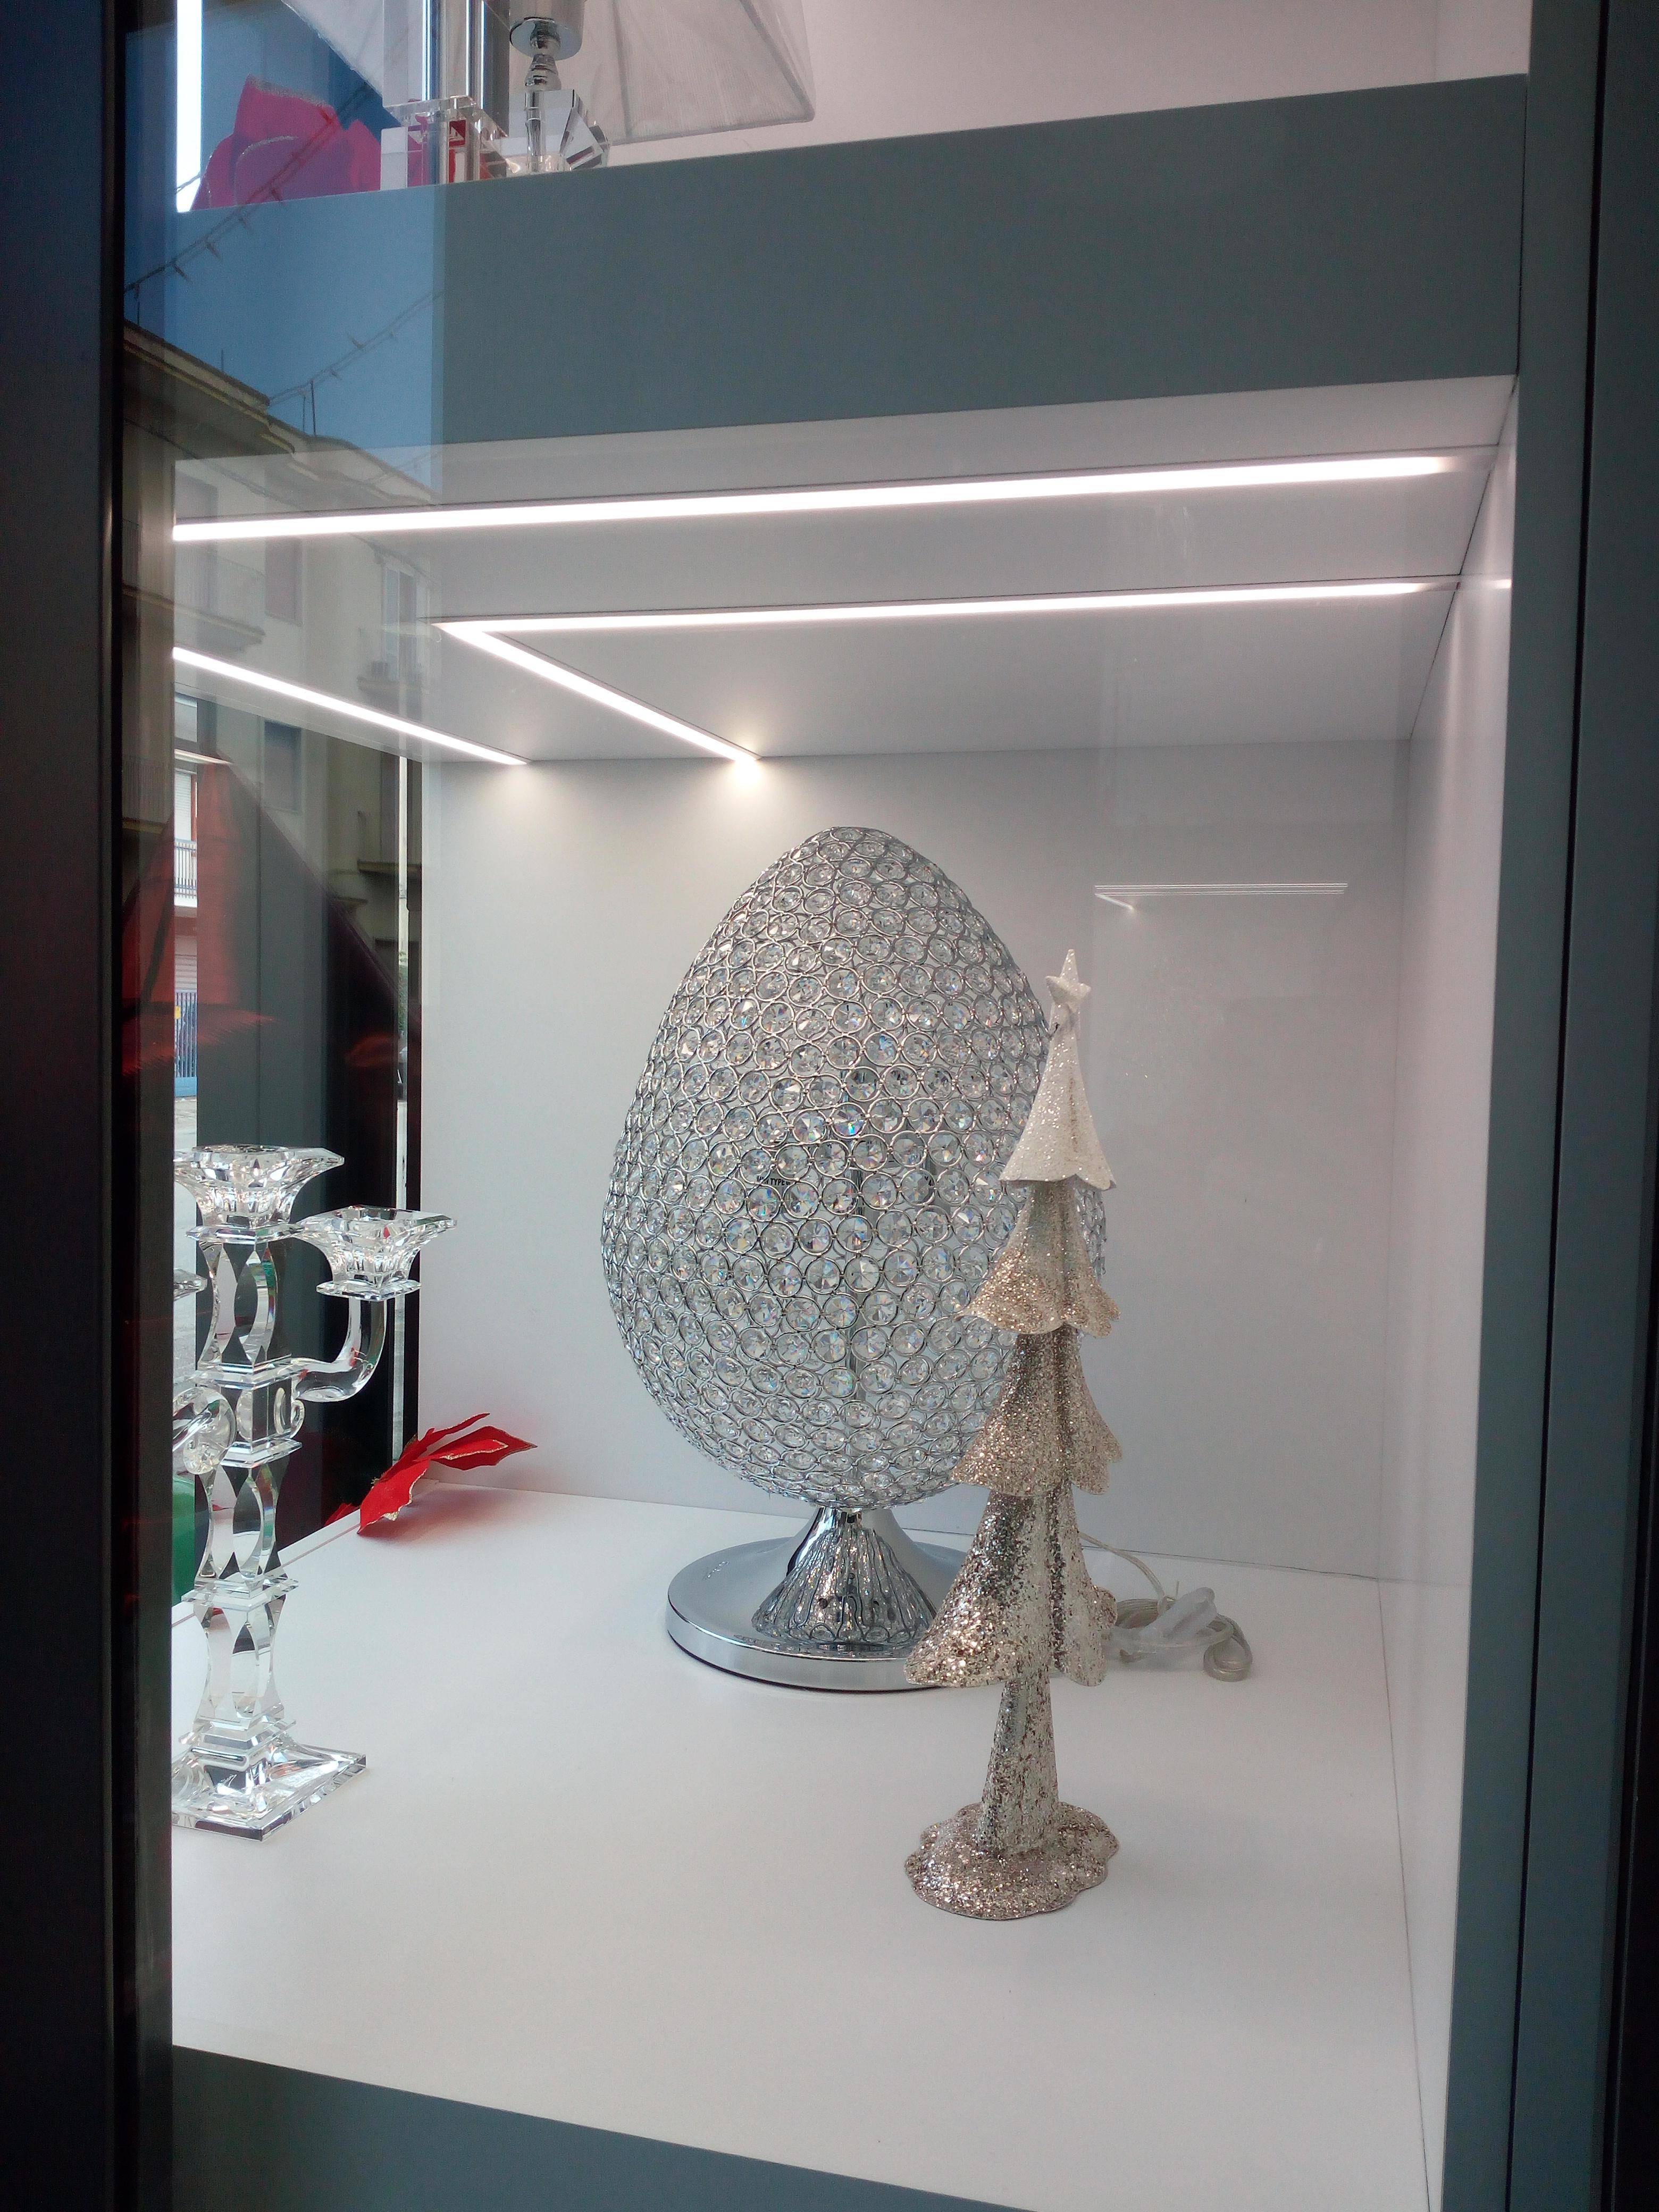 Esterno vetrina espositiva gioielleria, illuminazione led, cristalleria